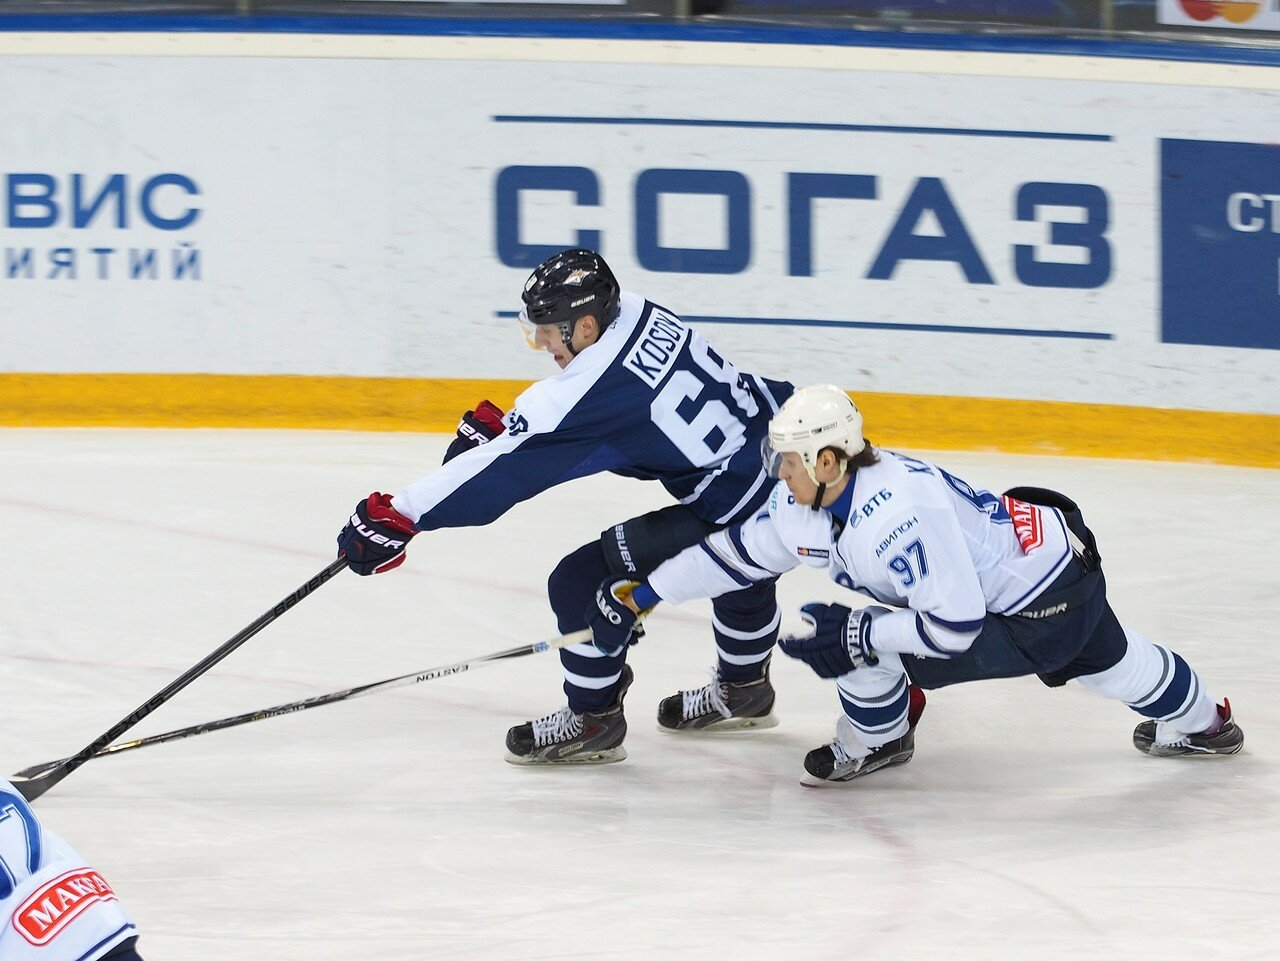 53Металлург - Динамо Москва 28.12.2015